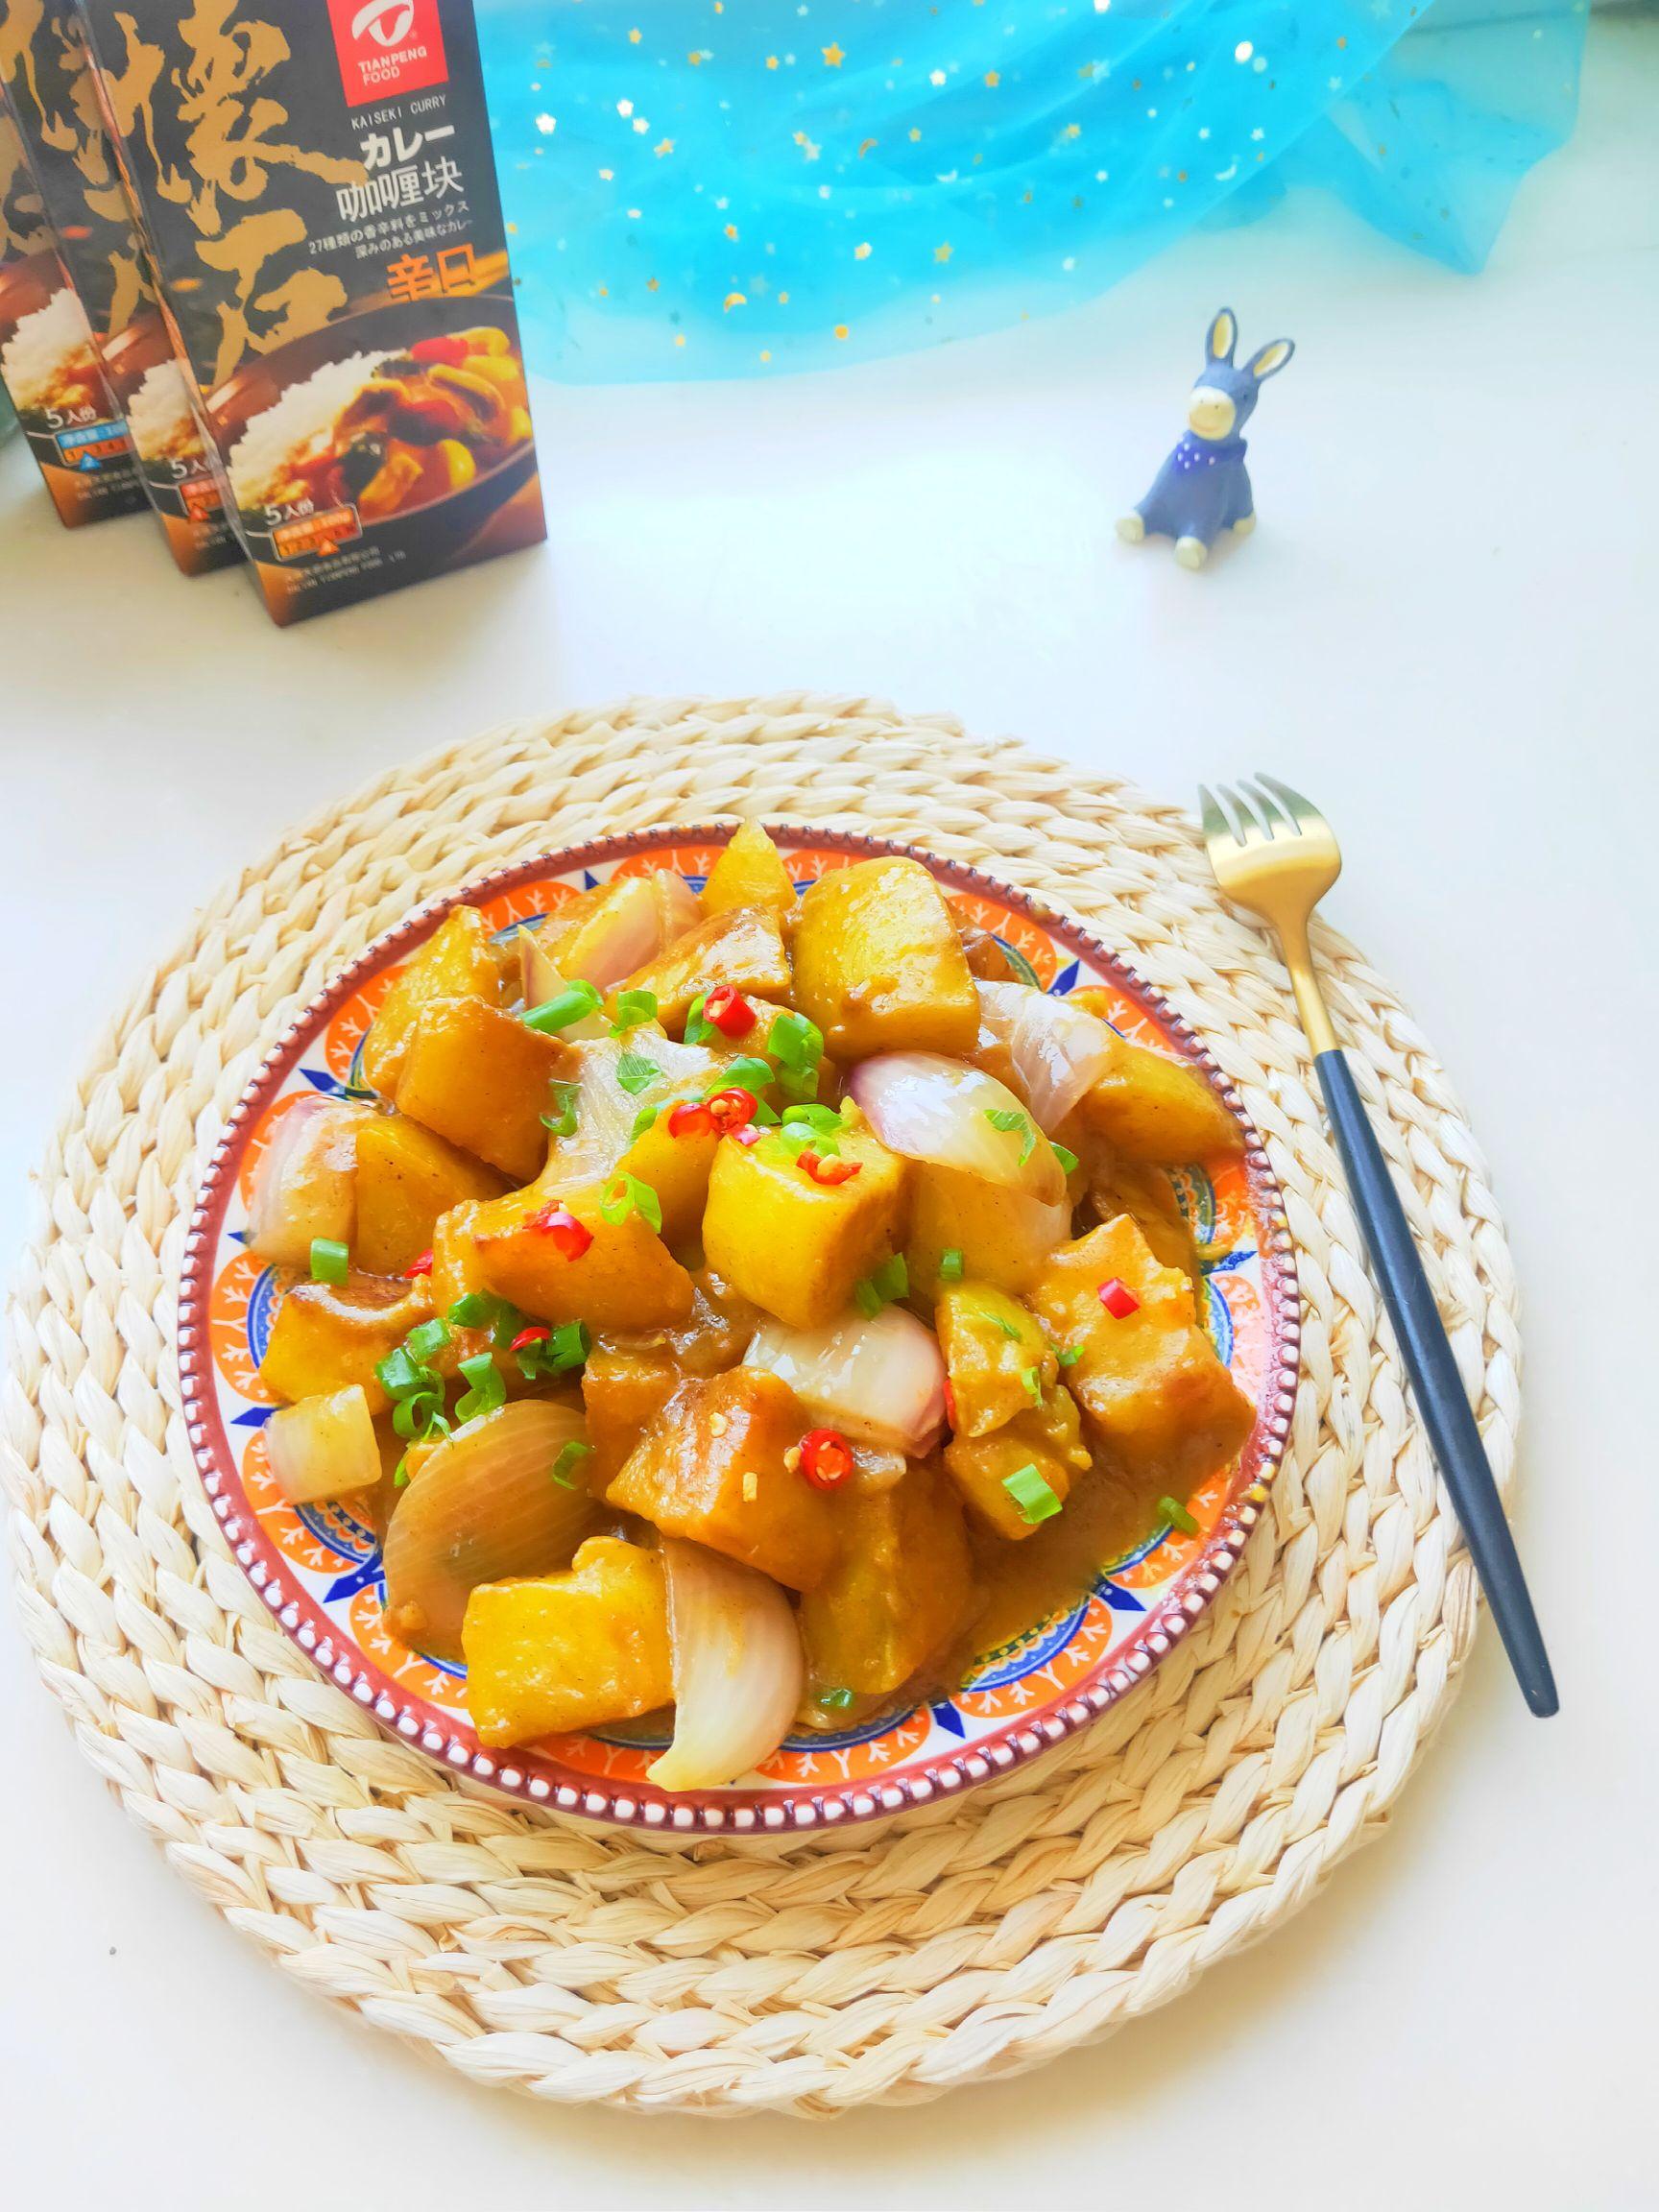 日式咖喱炖土豆成品图